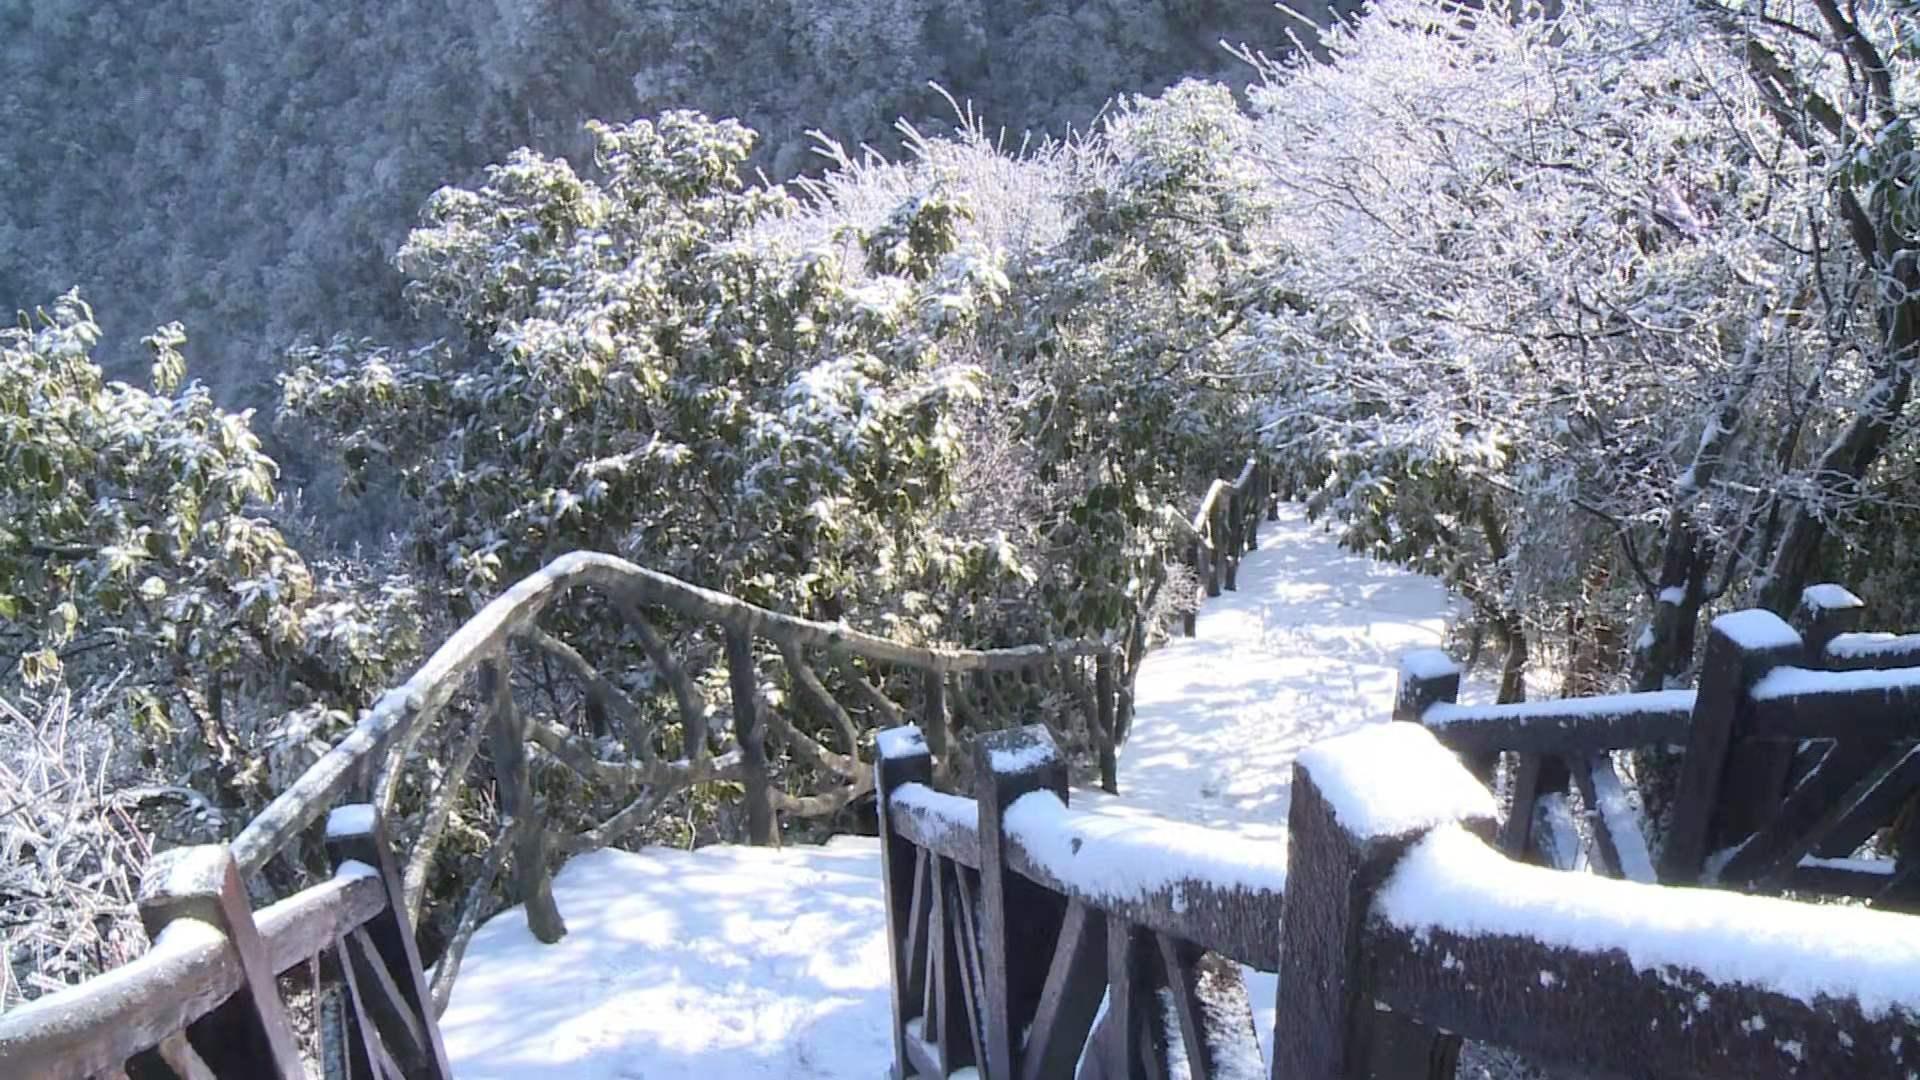 张家界天门山迎今冬首雪瑞雪、雾凇、云海三景交融